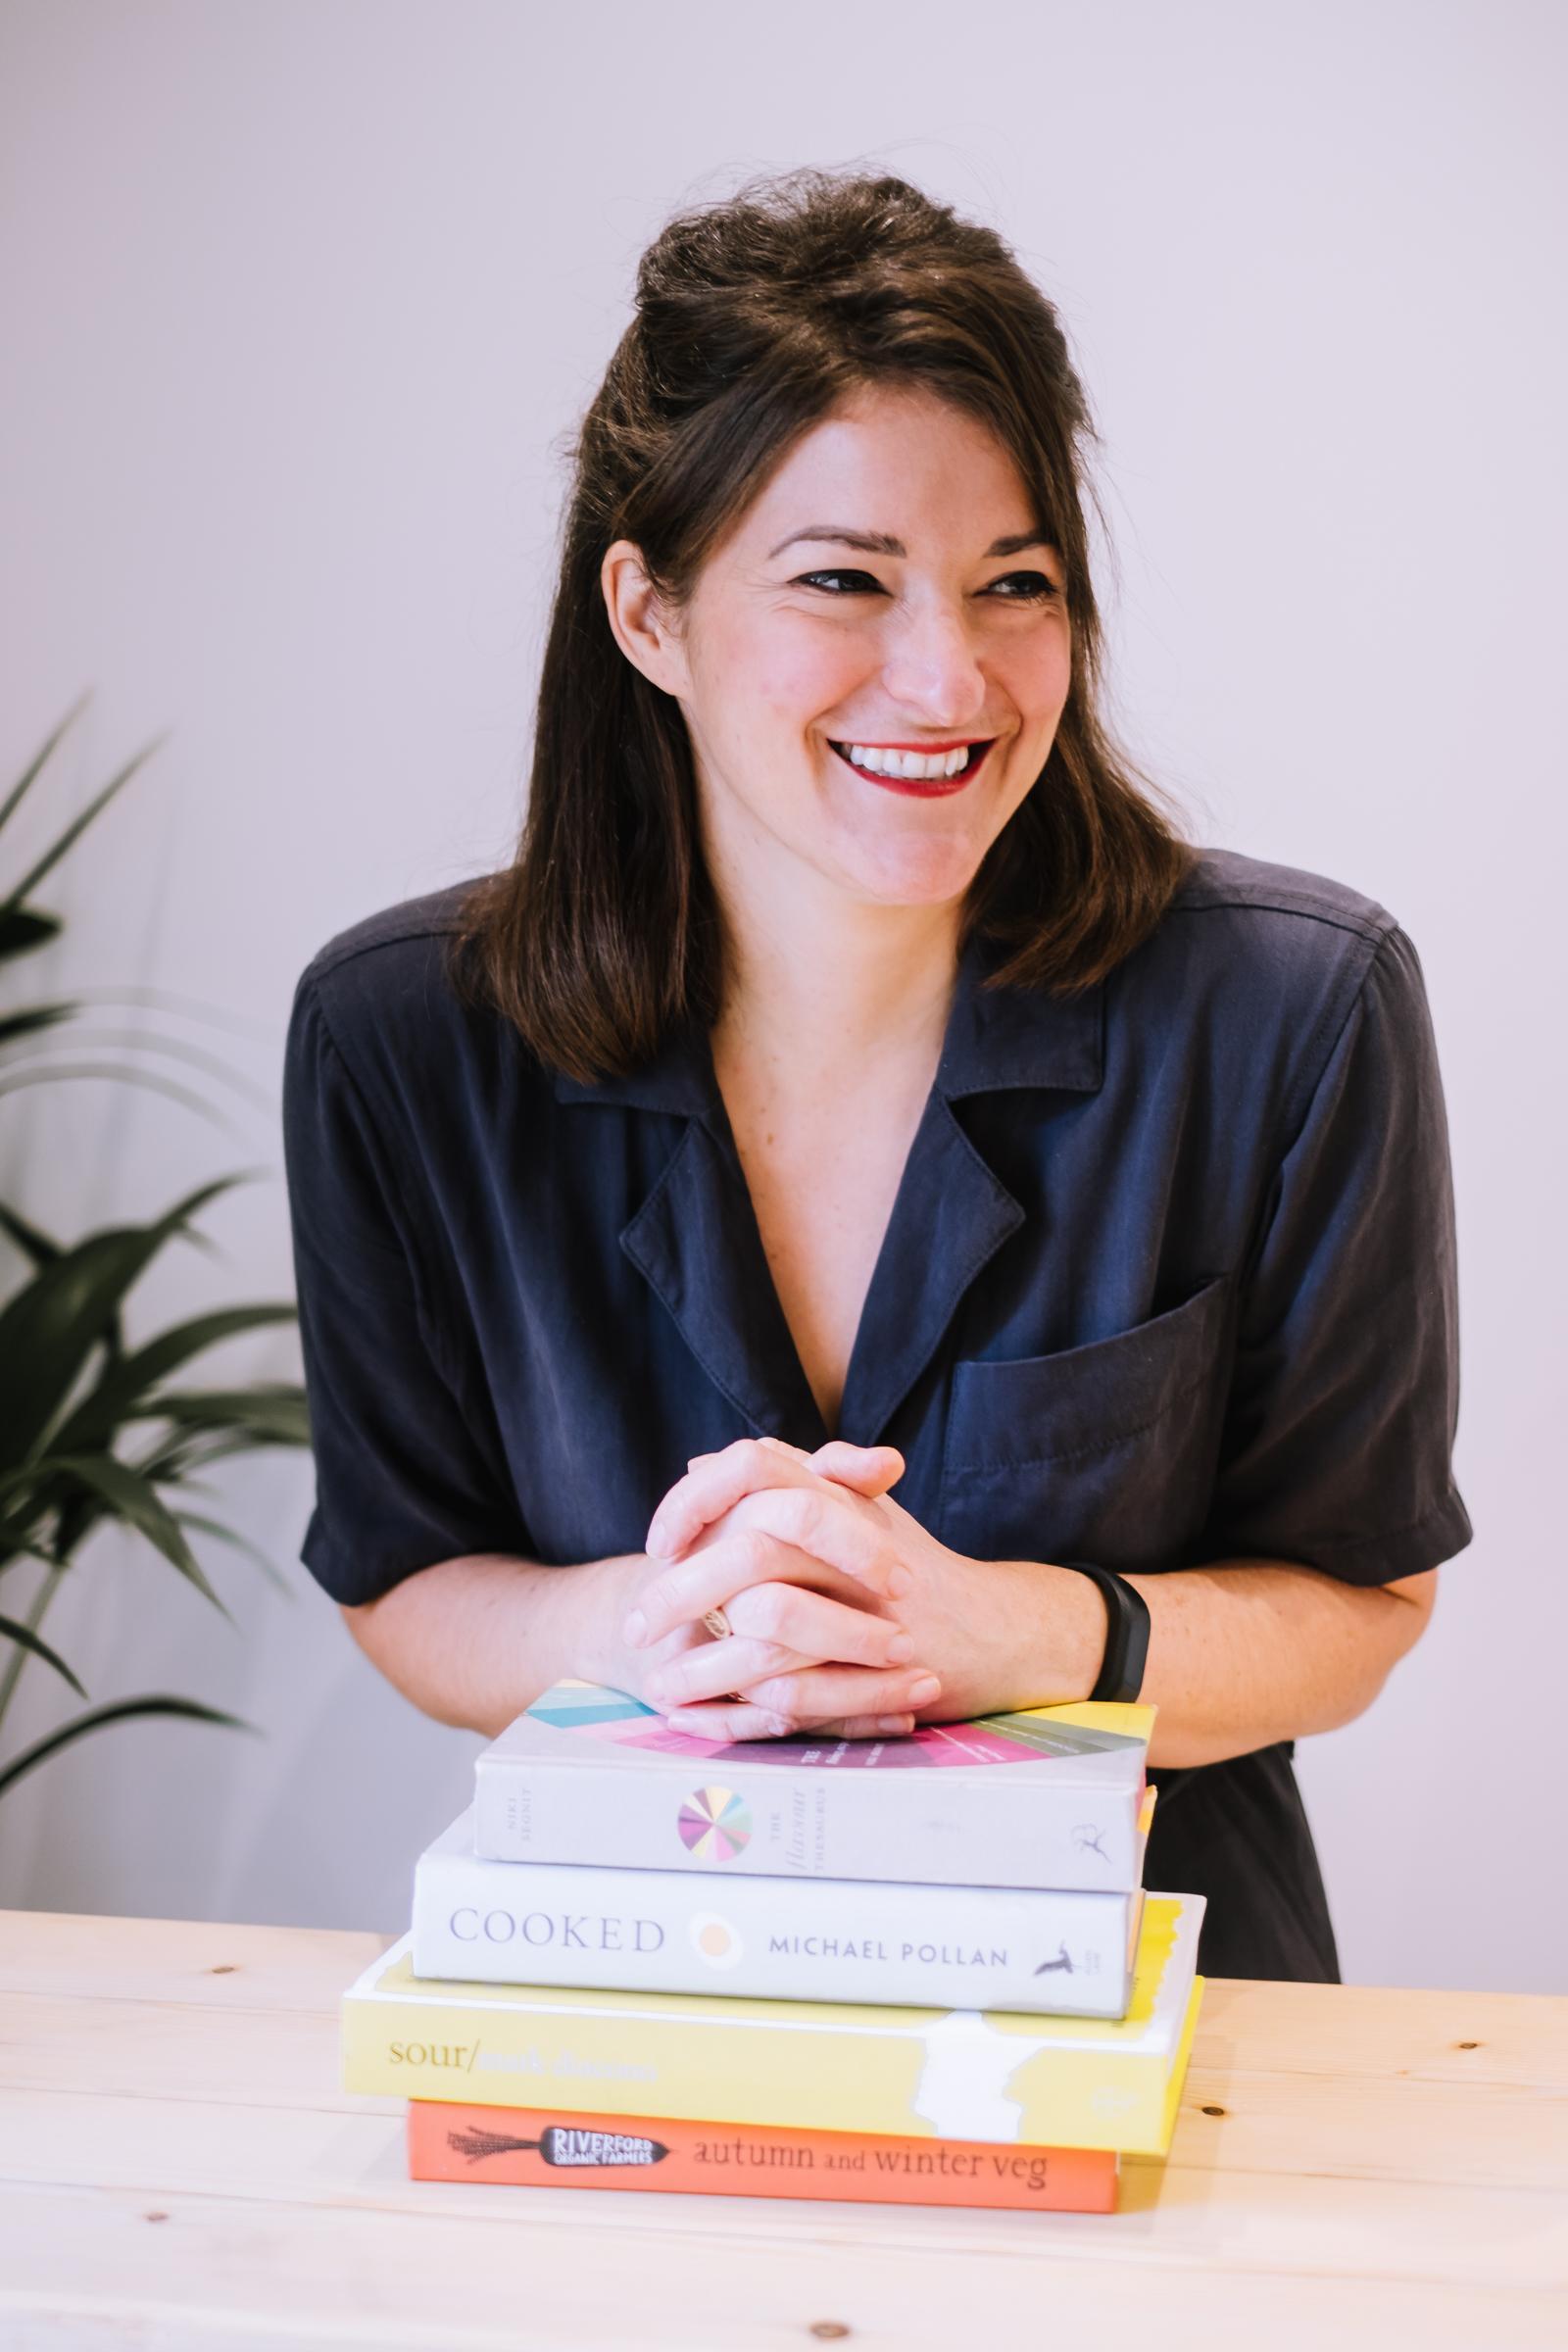 Laura Tilt